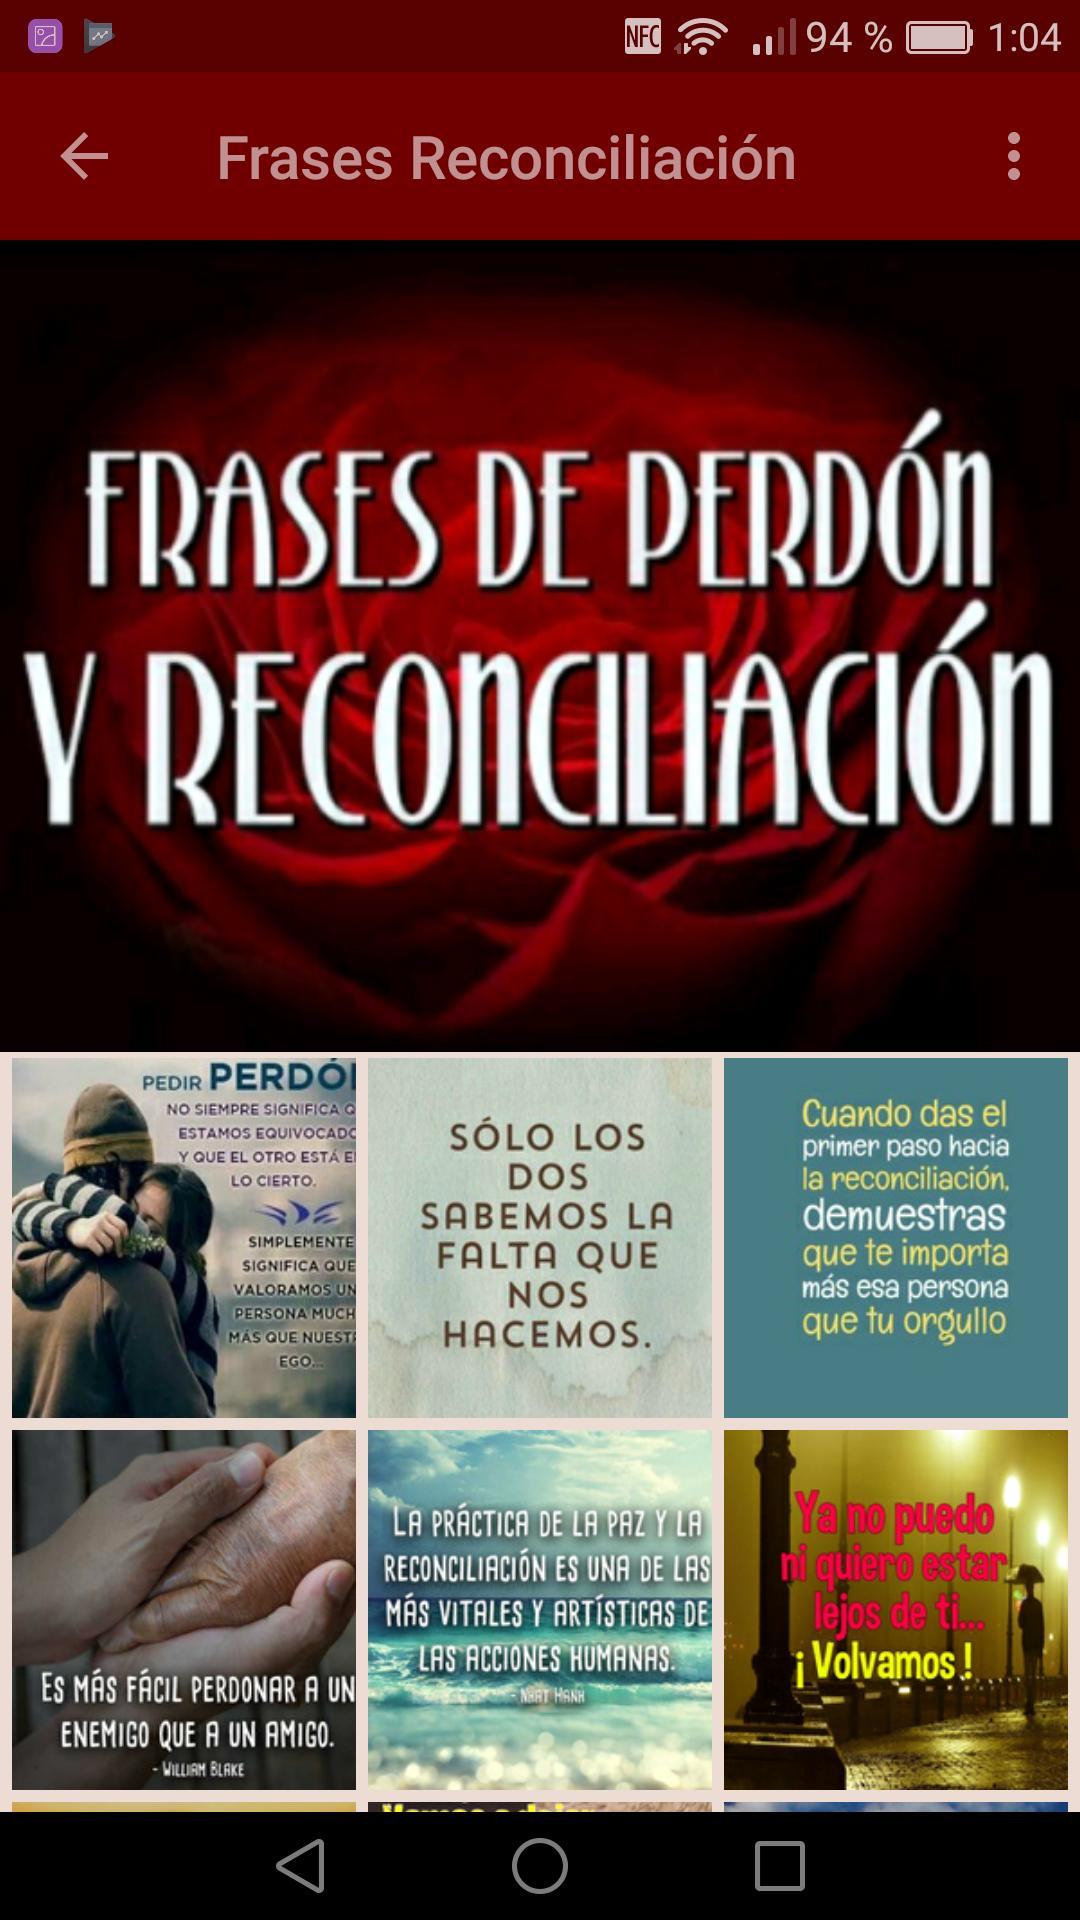 Frases De Paz Y Frases De Reconciliación For Android Apk